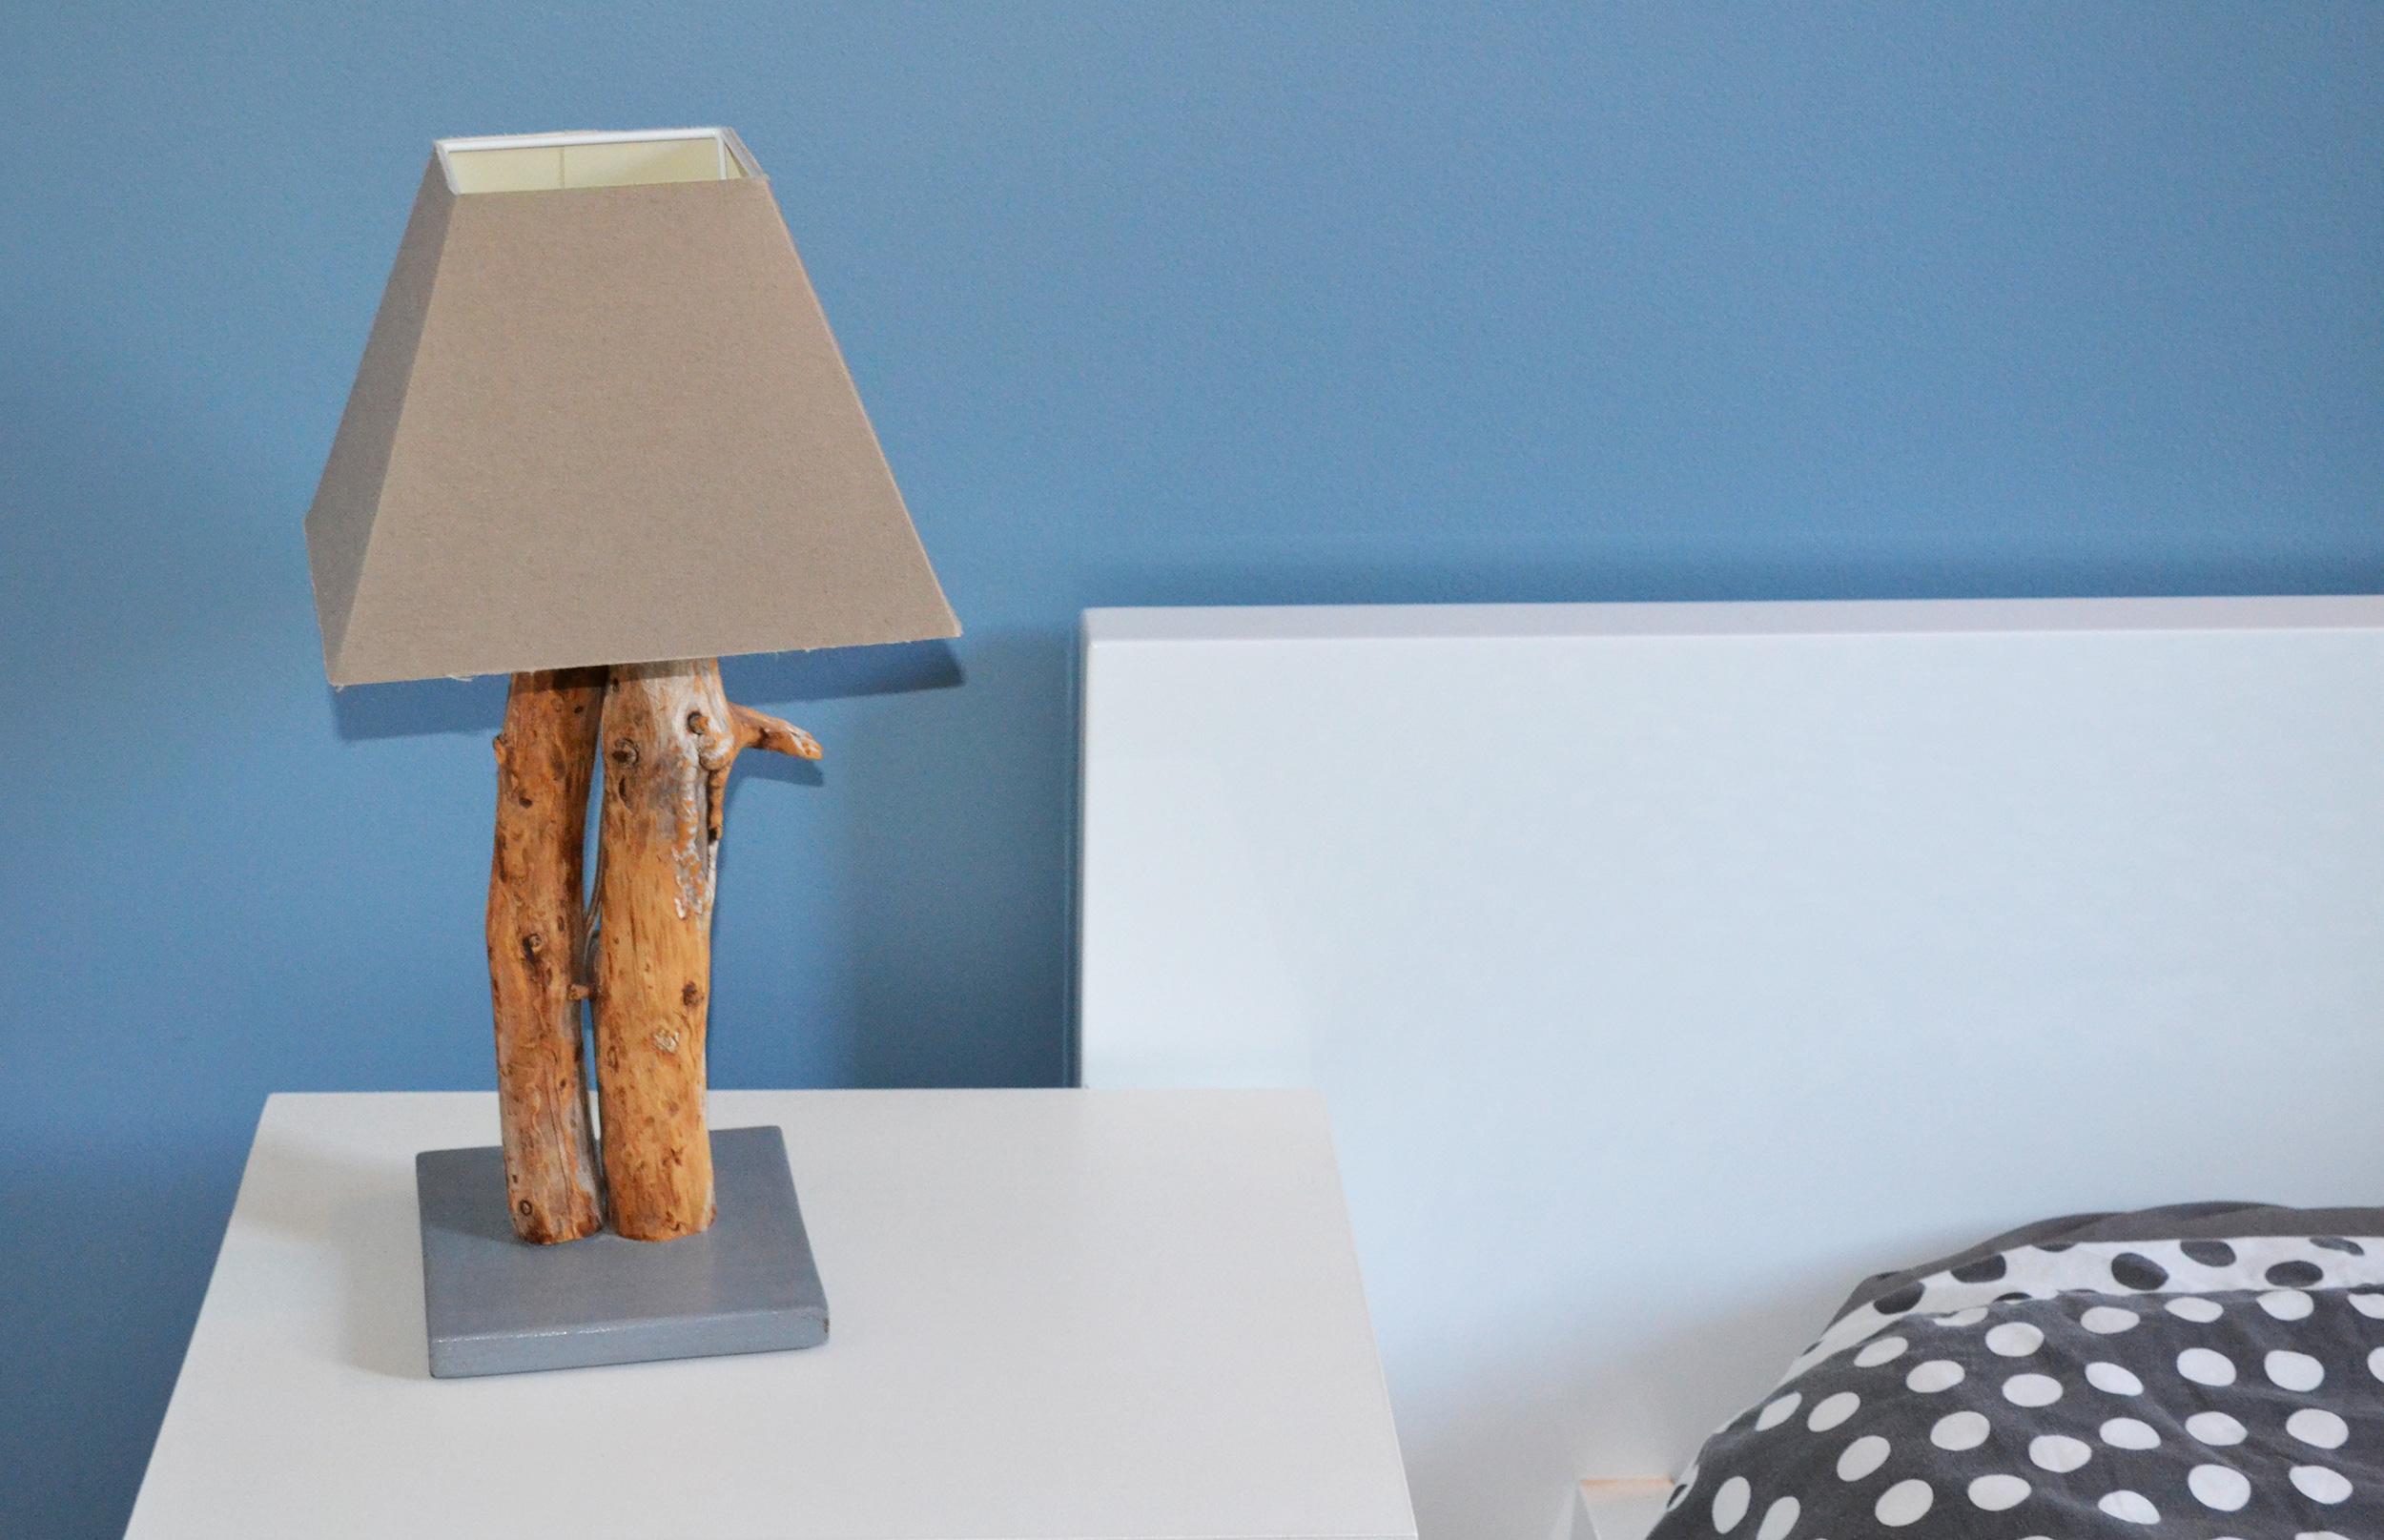 Lampe de chevet cr ation de meubles en bois sur mesure - Creation de meuble sur mesure ...